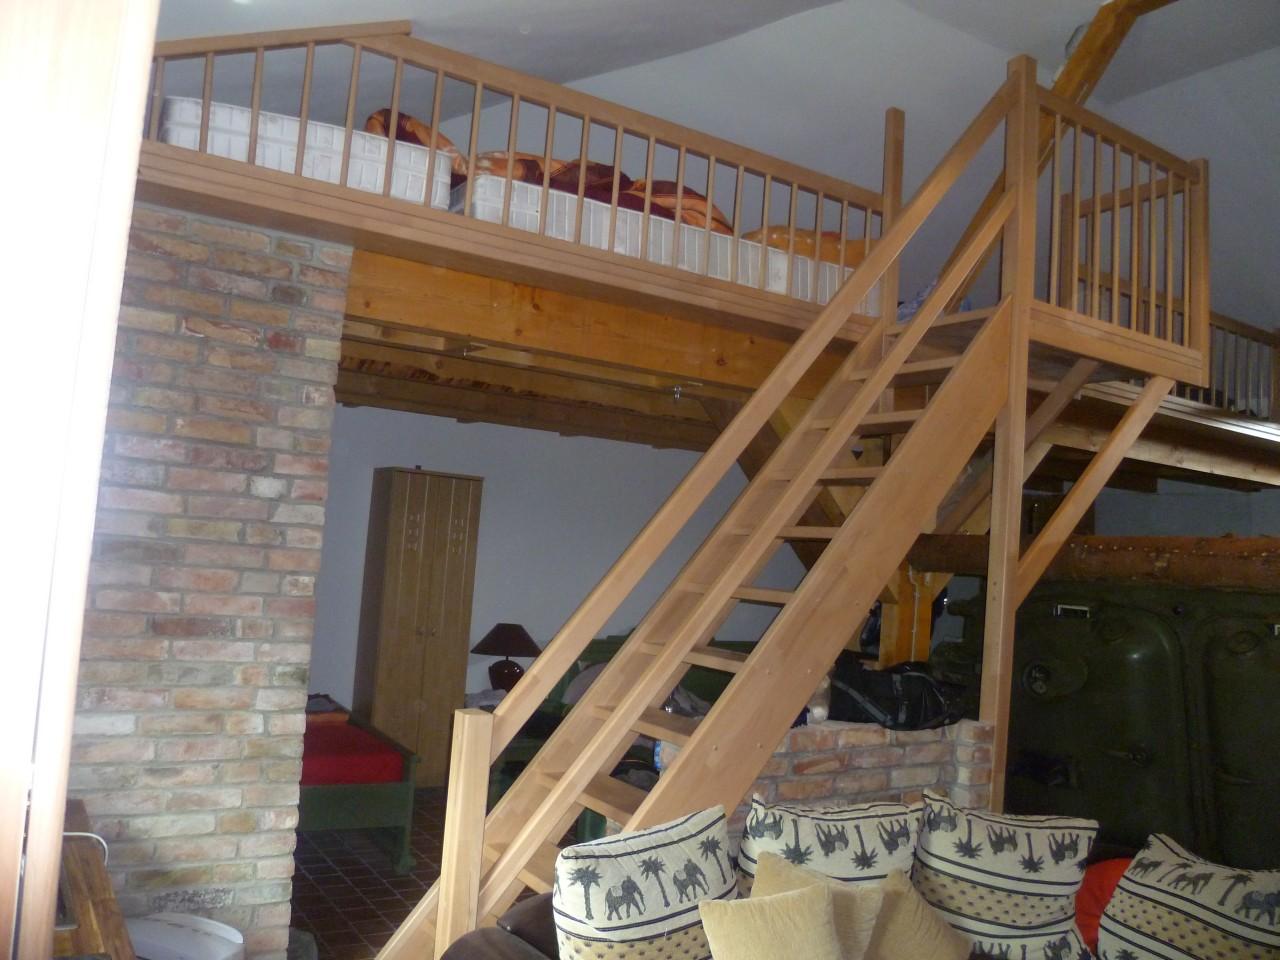 holztreppen rst escadalgarve. Black Bedroom Furniture Sets. Home Design Ideas